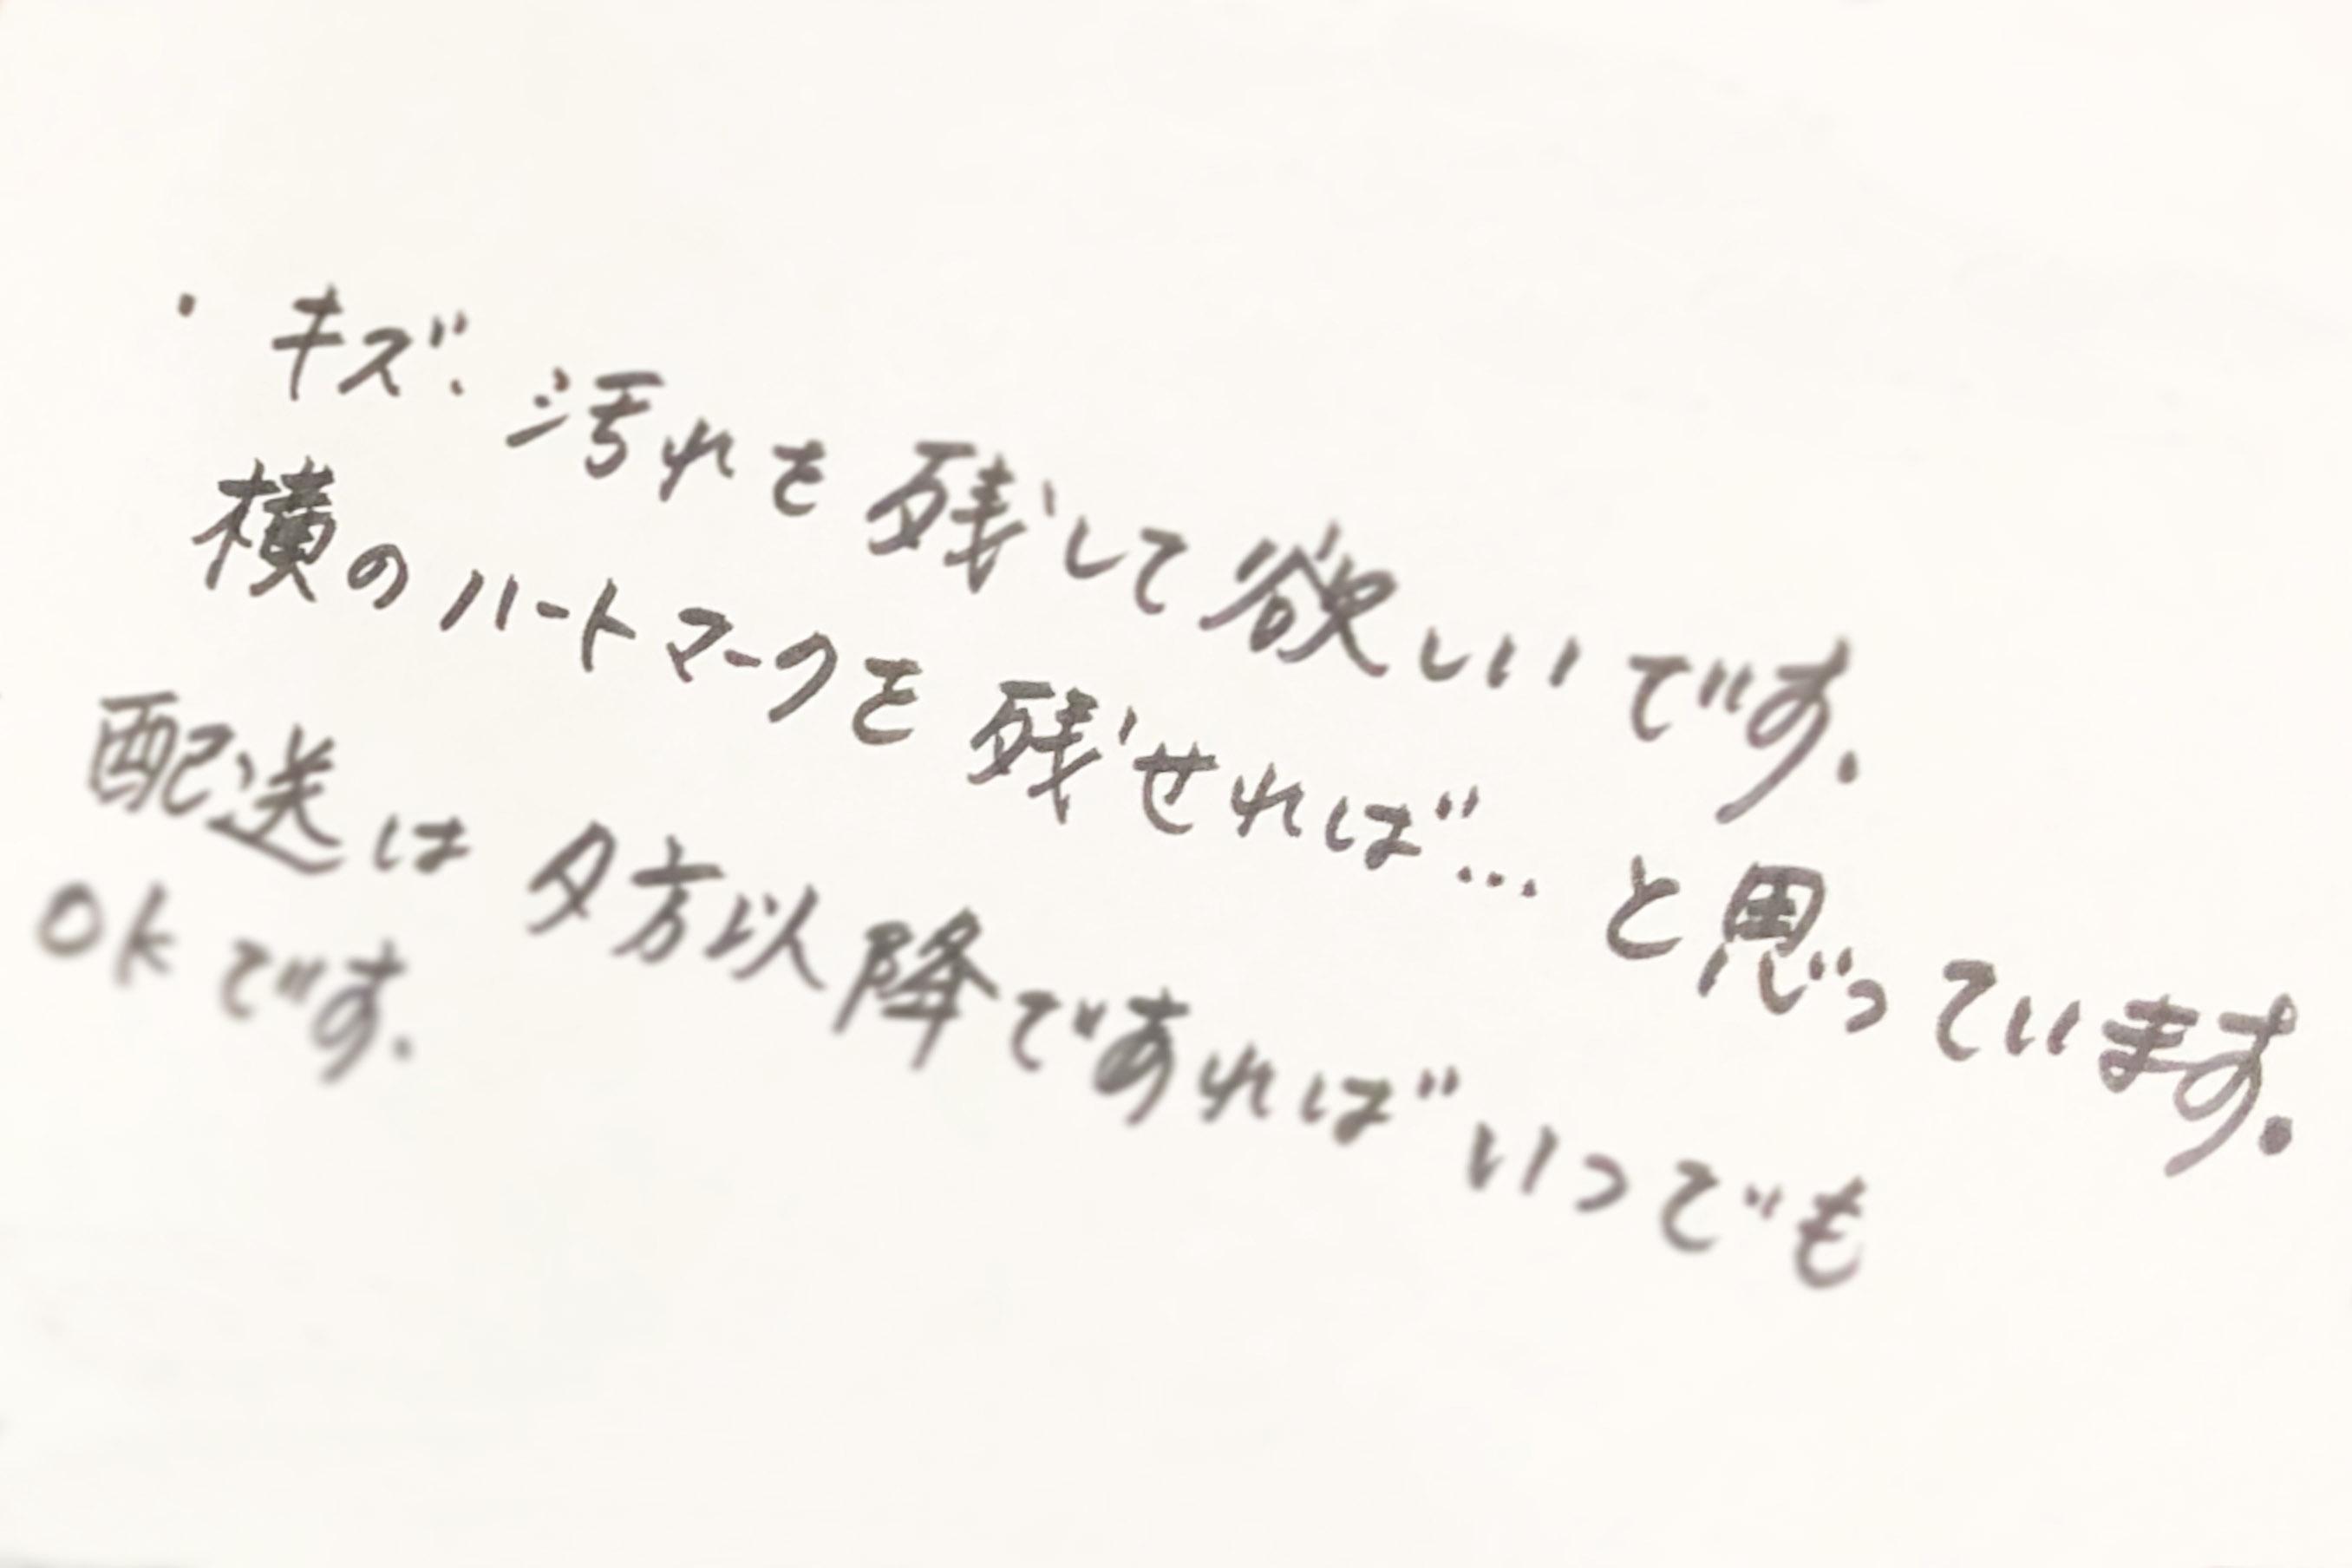 ランドセルには、リクエストの書かれた手紙が添えられる